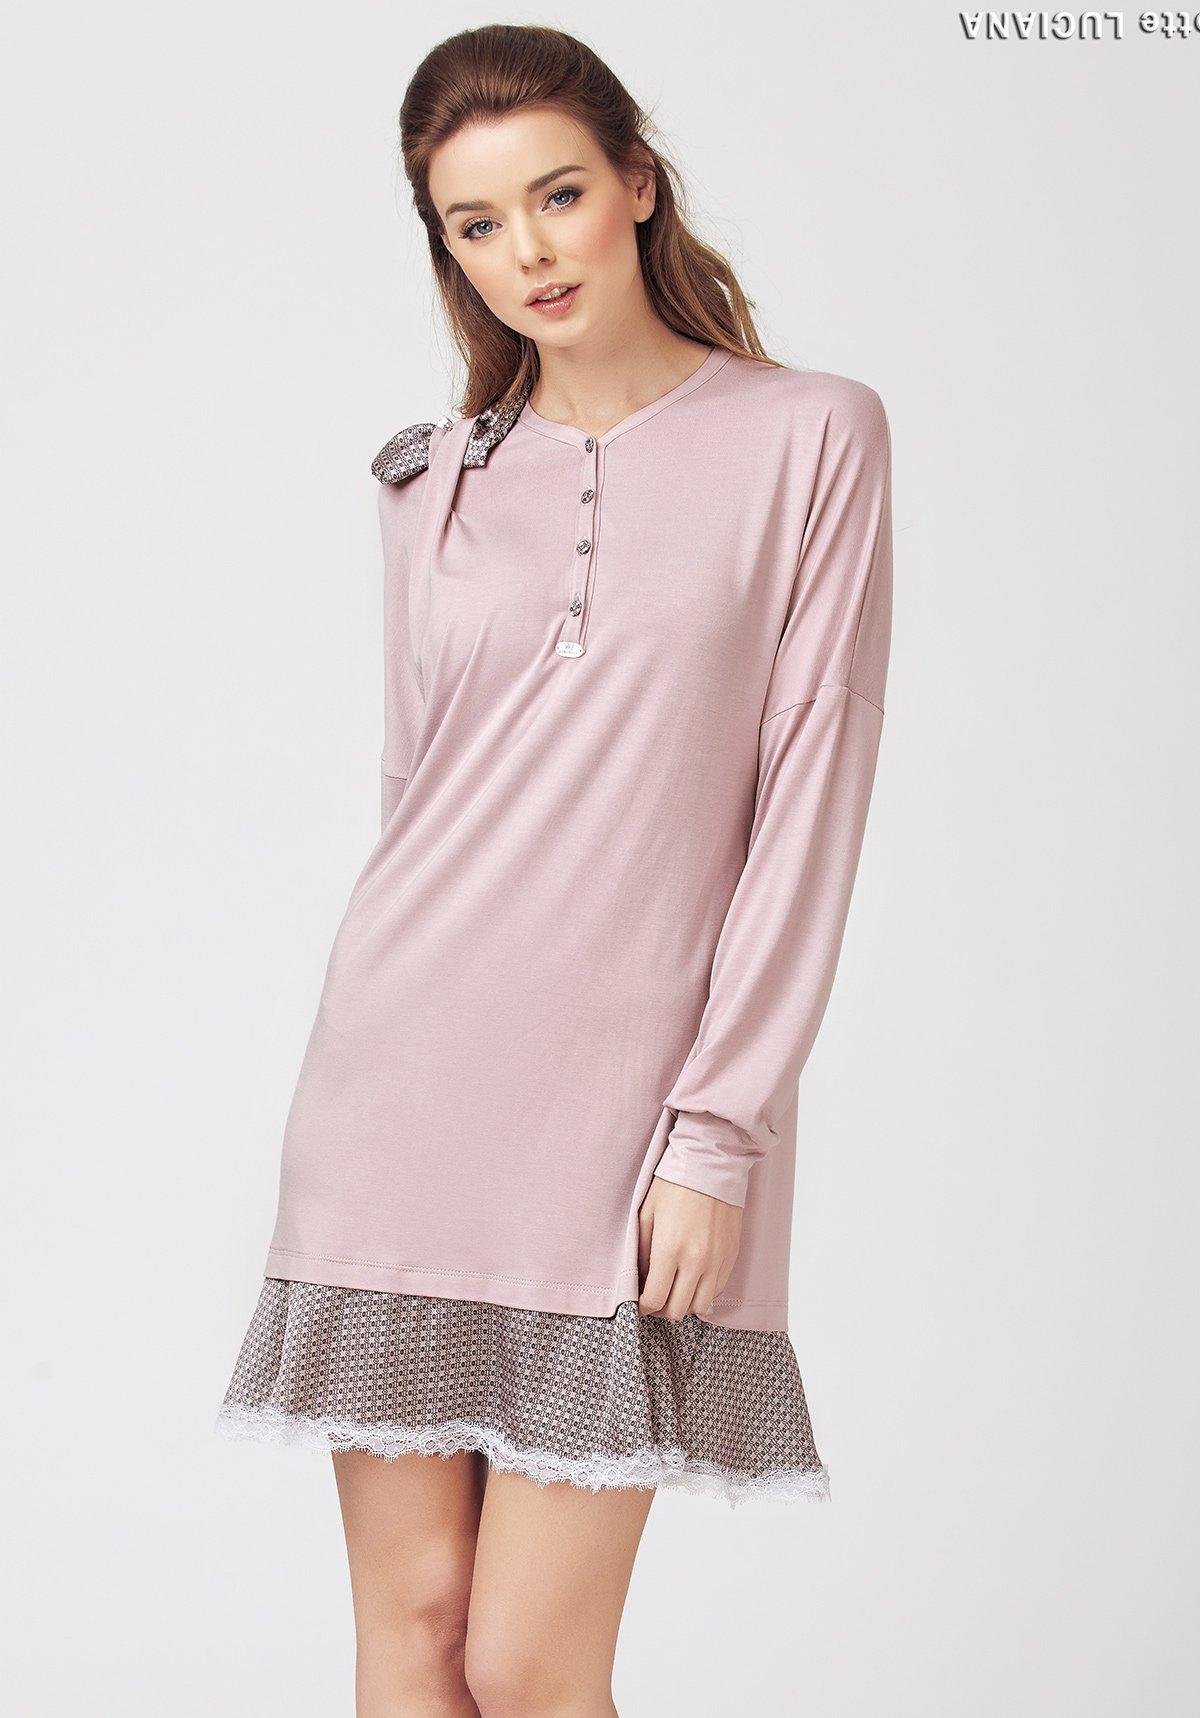 Ночная сорочка Dorcia Цвет: Розовый (46) фото